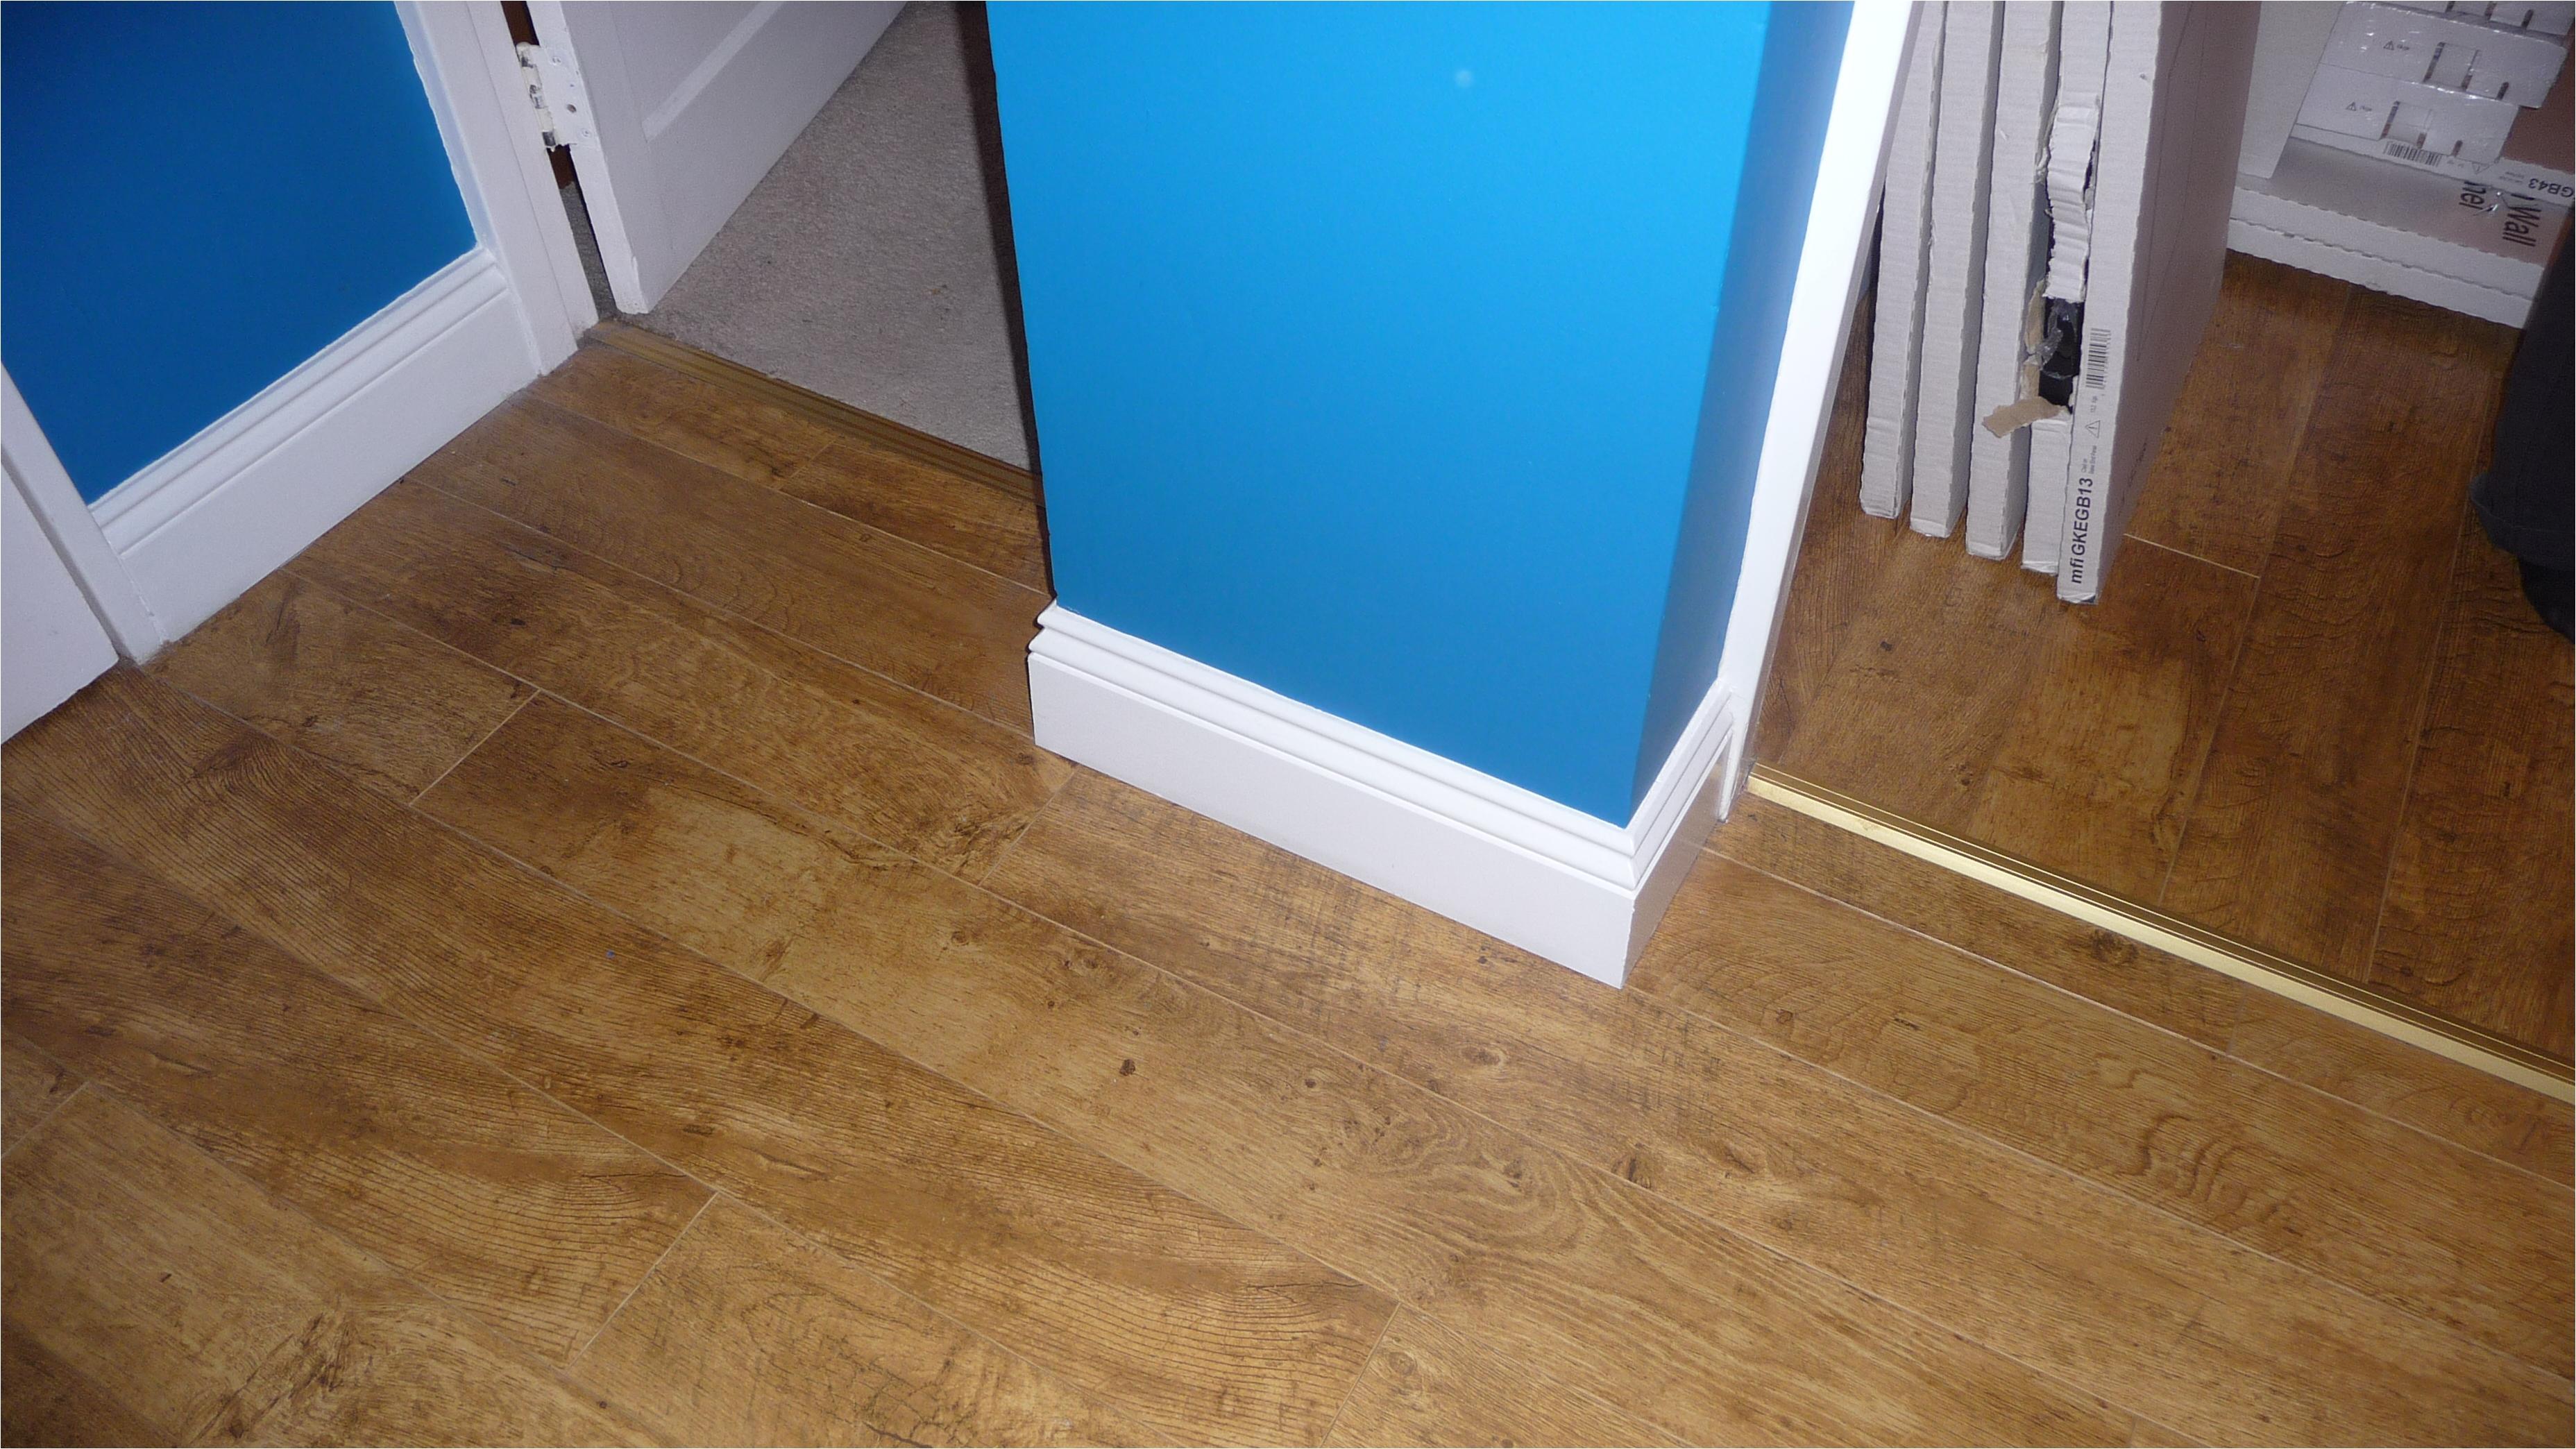 pergo laminate flooring lowes pergo flooring laminated wood flooring